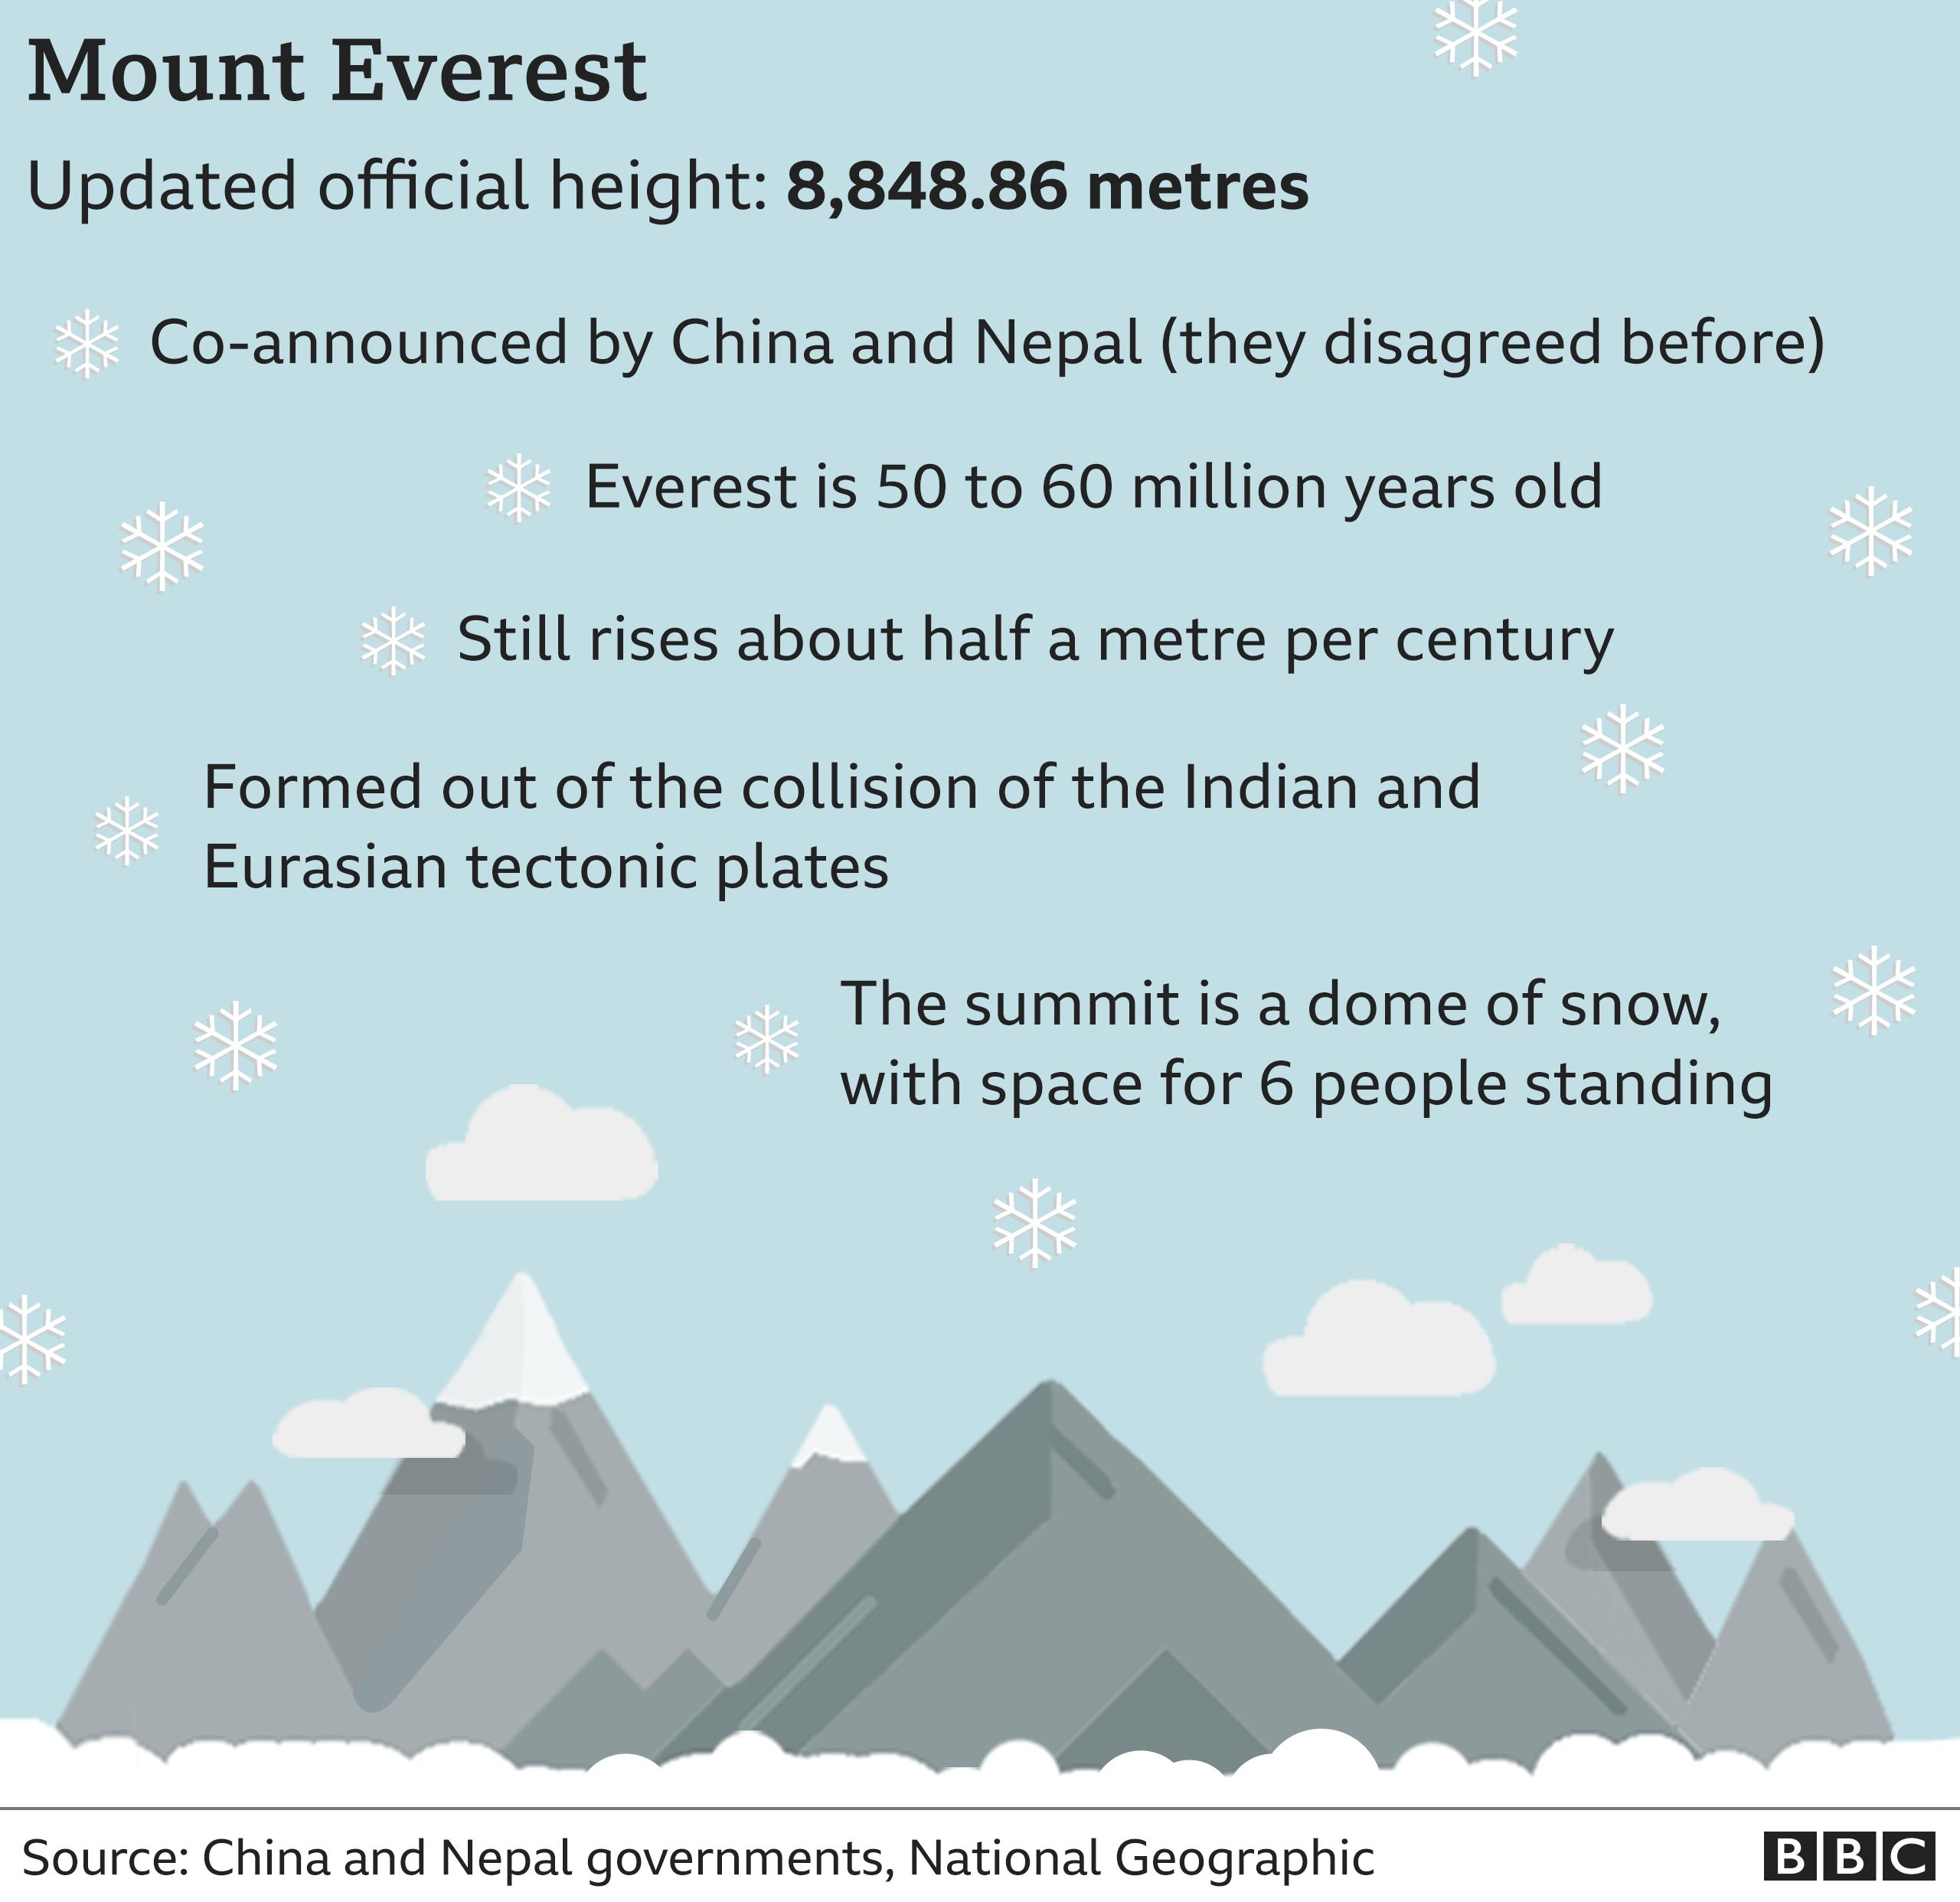 BBC infographic